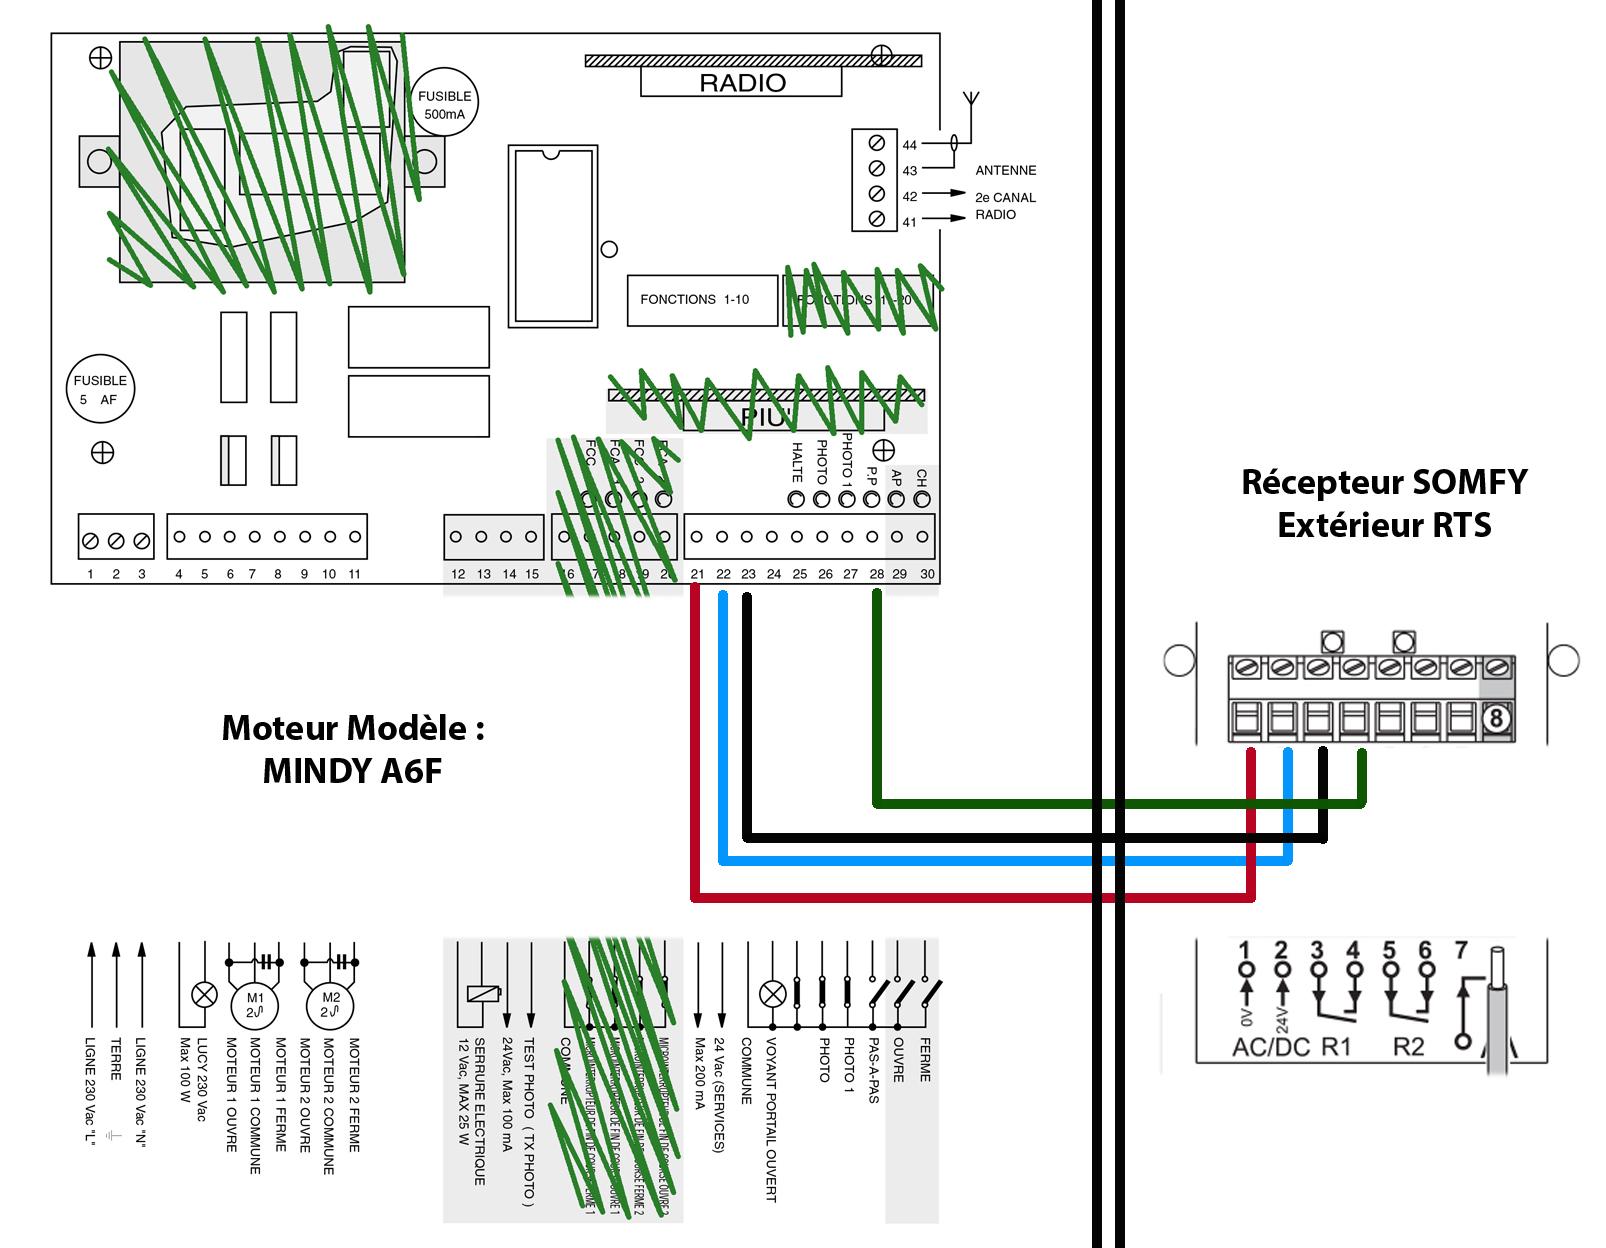 branchement r cepteur ext rieur rts somfy sur motorisation de portail battant 2 vtx mindy a6f. Black Bedroom Furniture Sets. Home Design Ideas